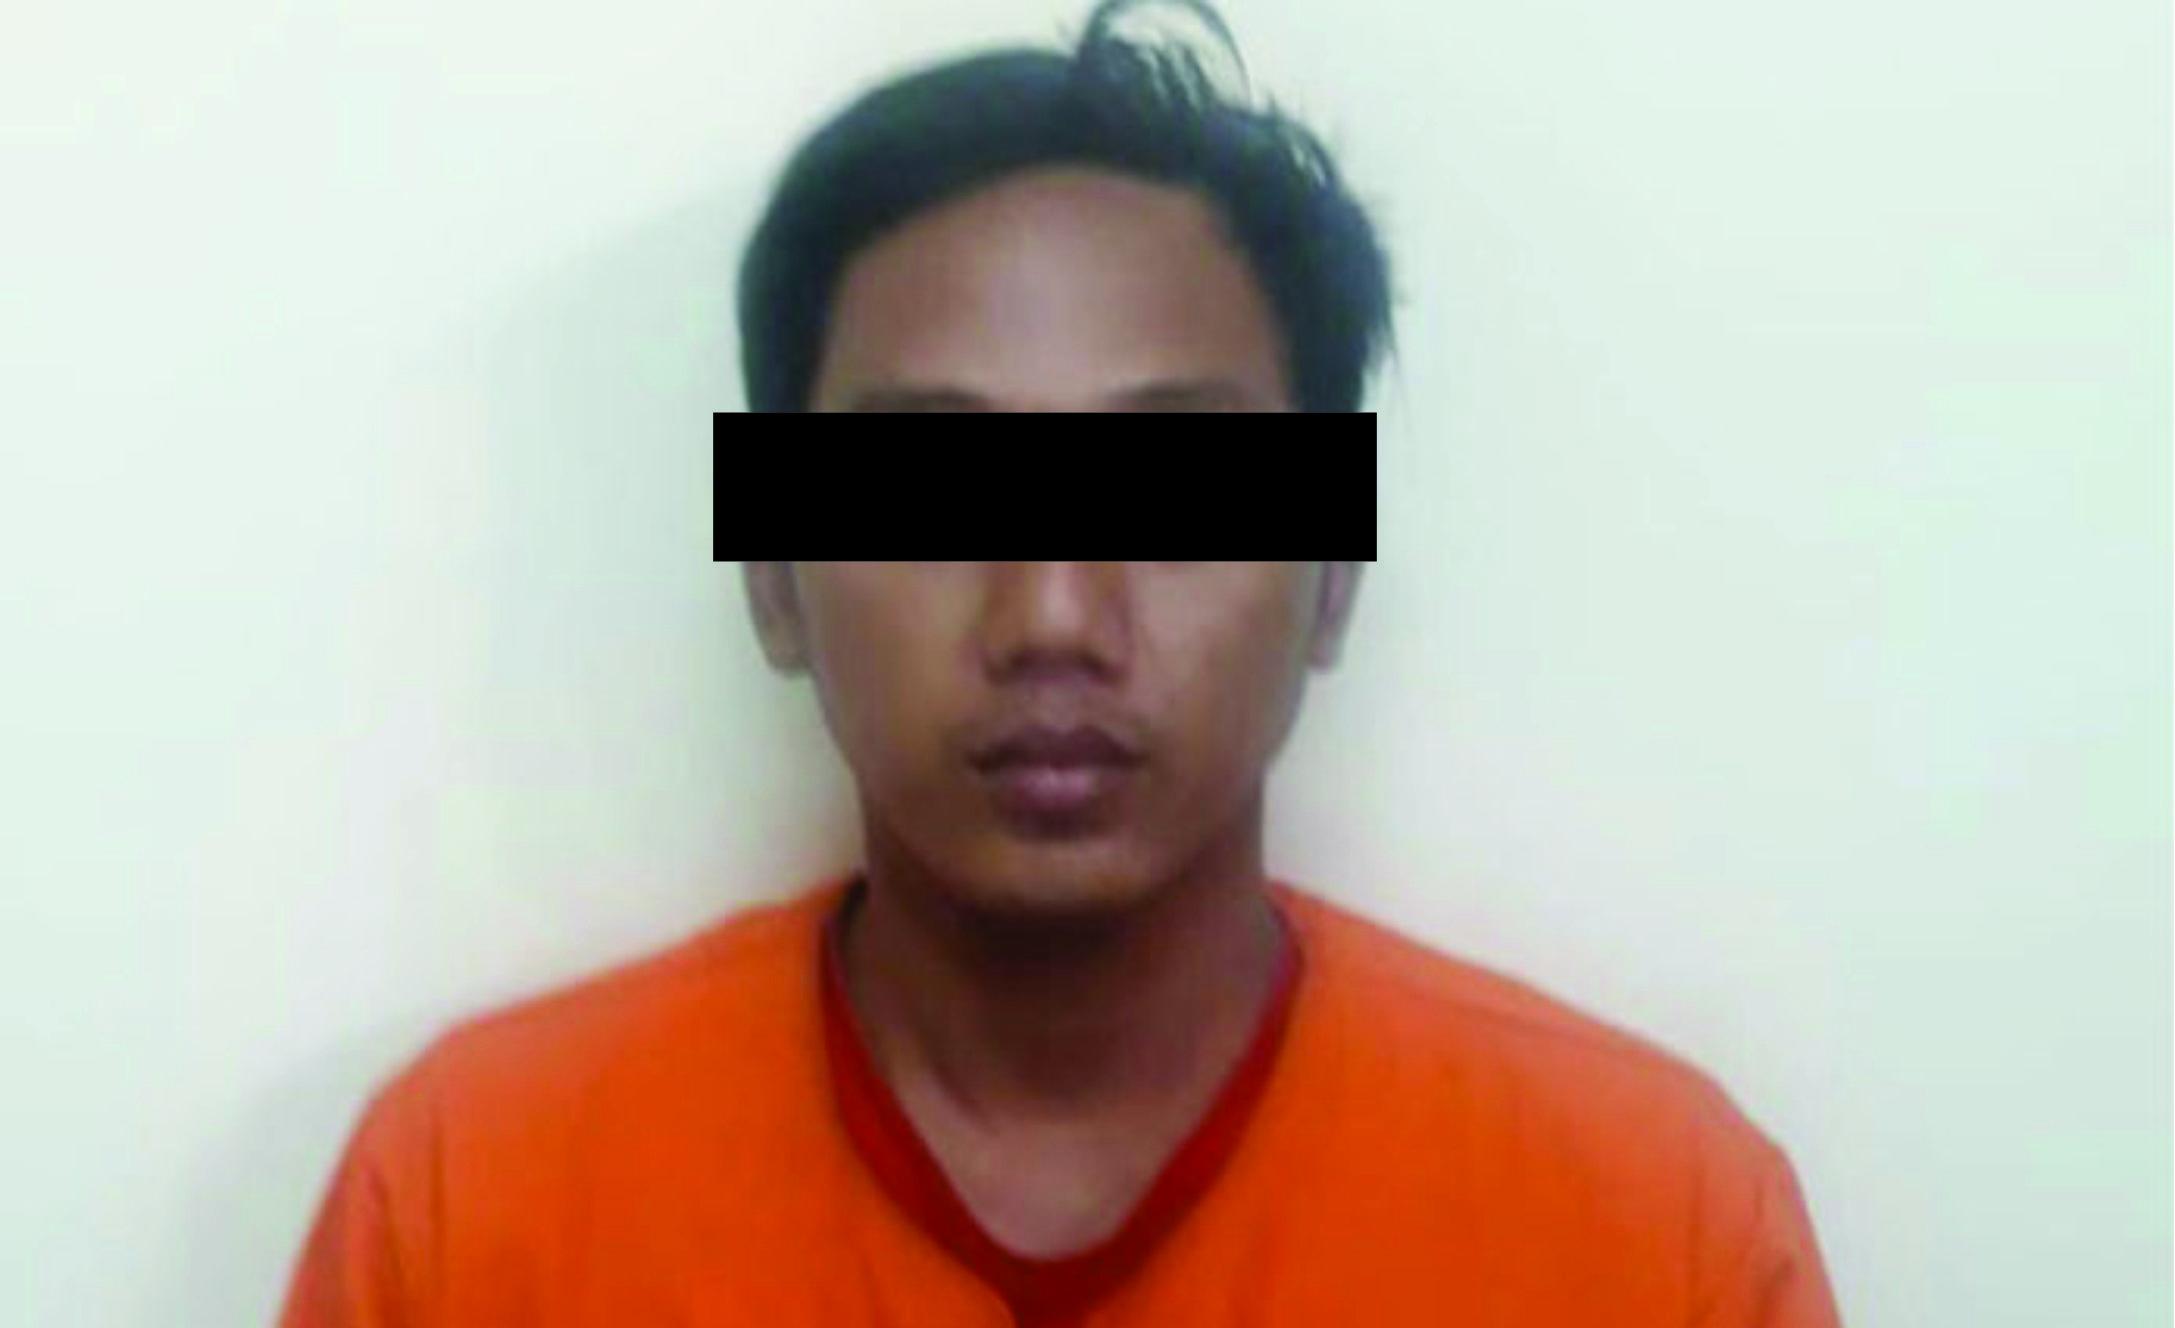 Pelaku usai ditangkap oleh Satuan Reserse Narkoba (Satreskoba) Polresta Sidoarjo